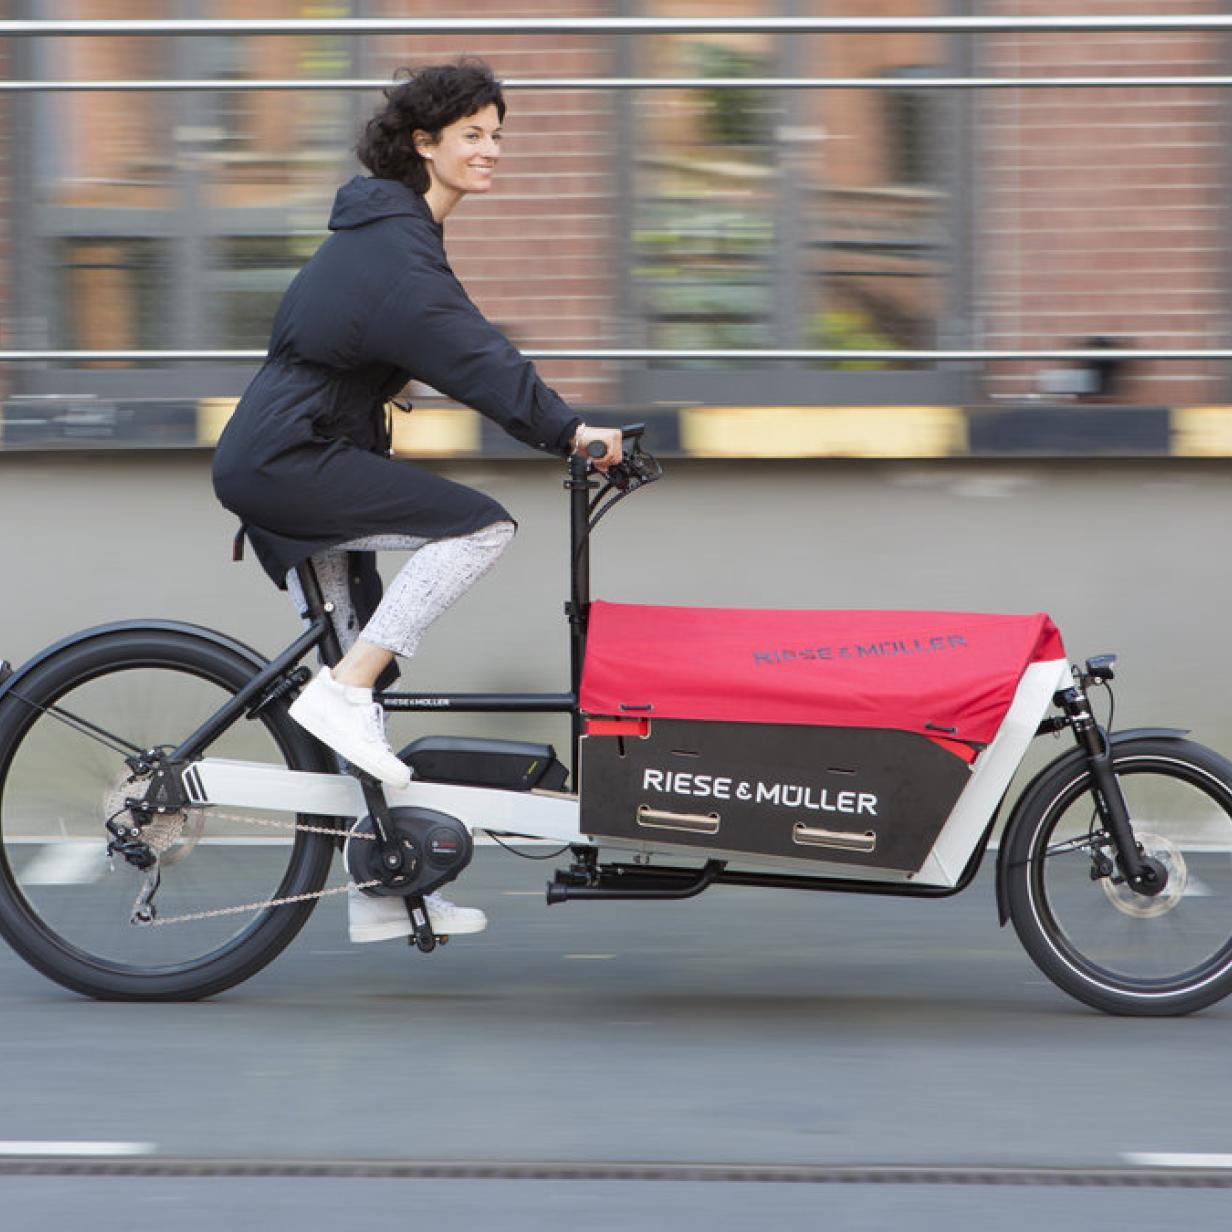 Lastenräder, Leasing & Co.: Die aktuellen Bike Trends